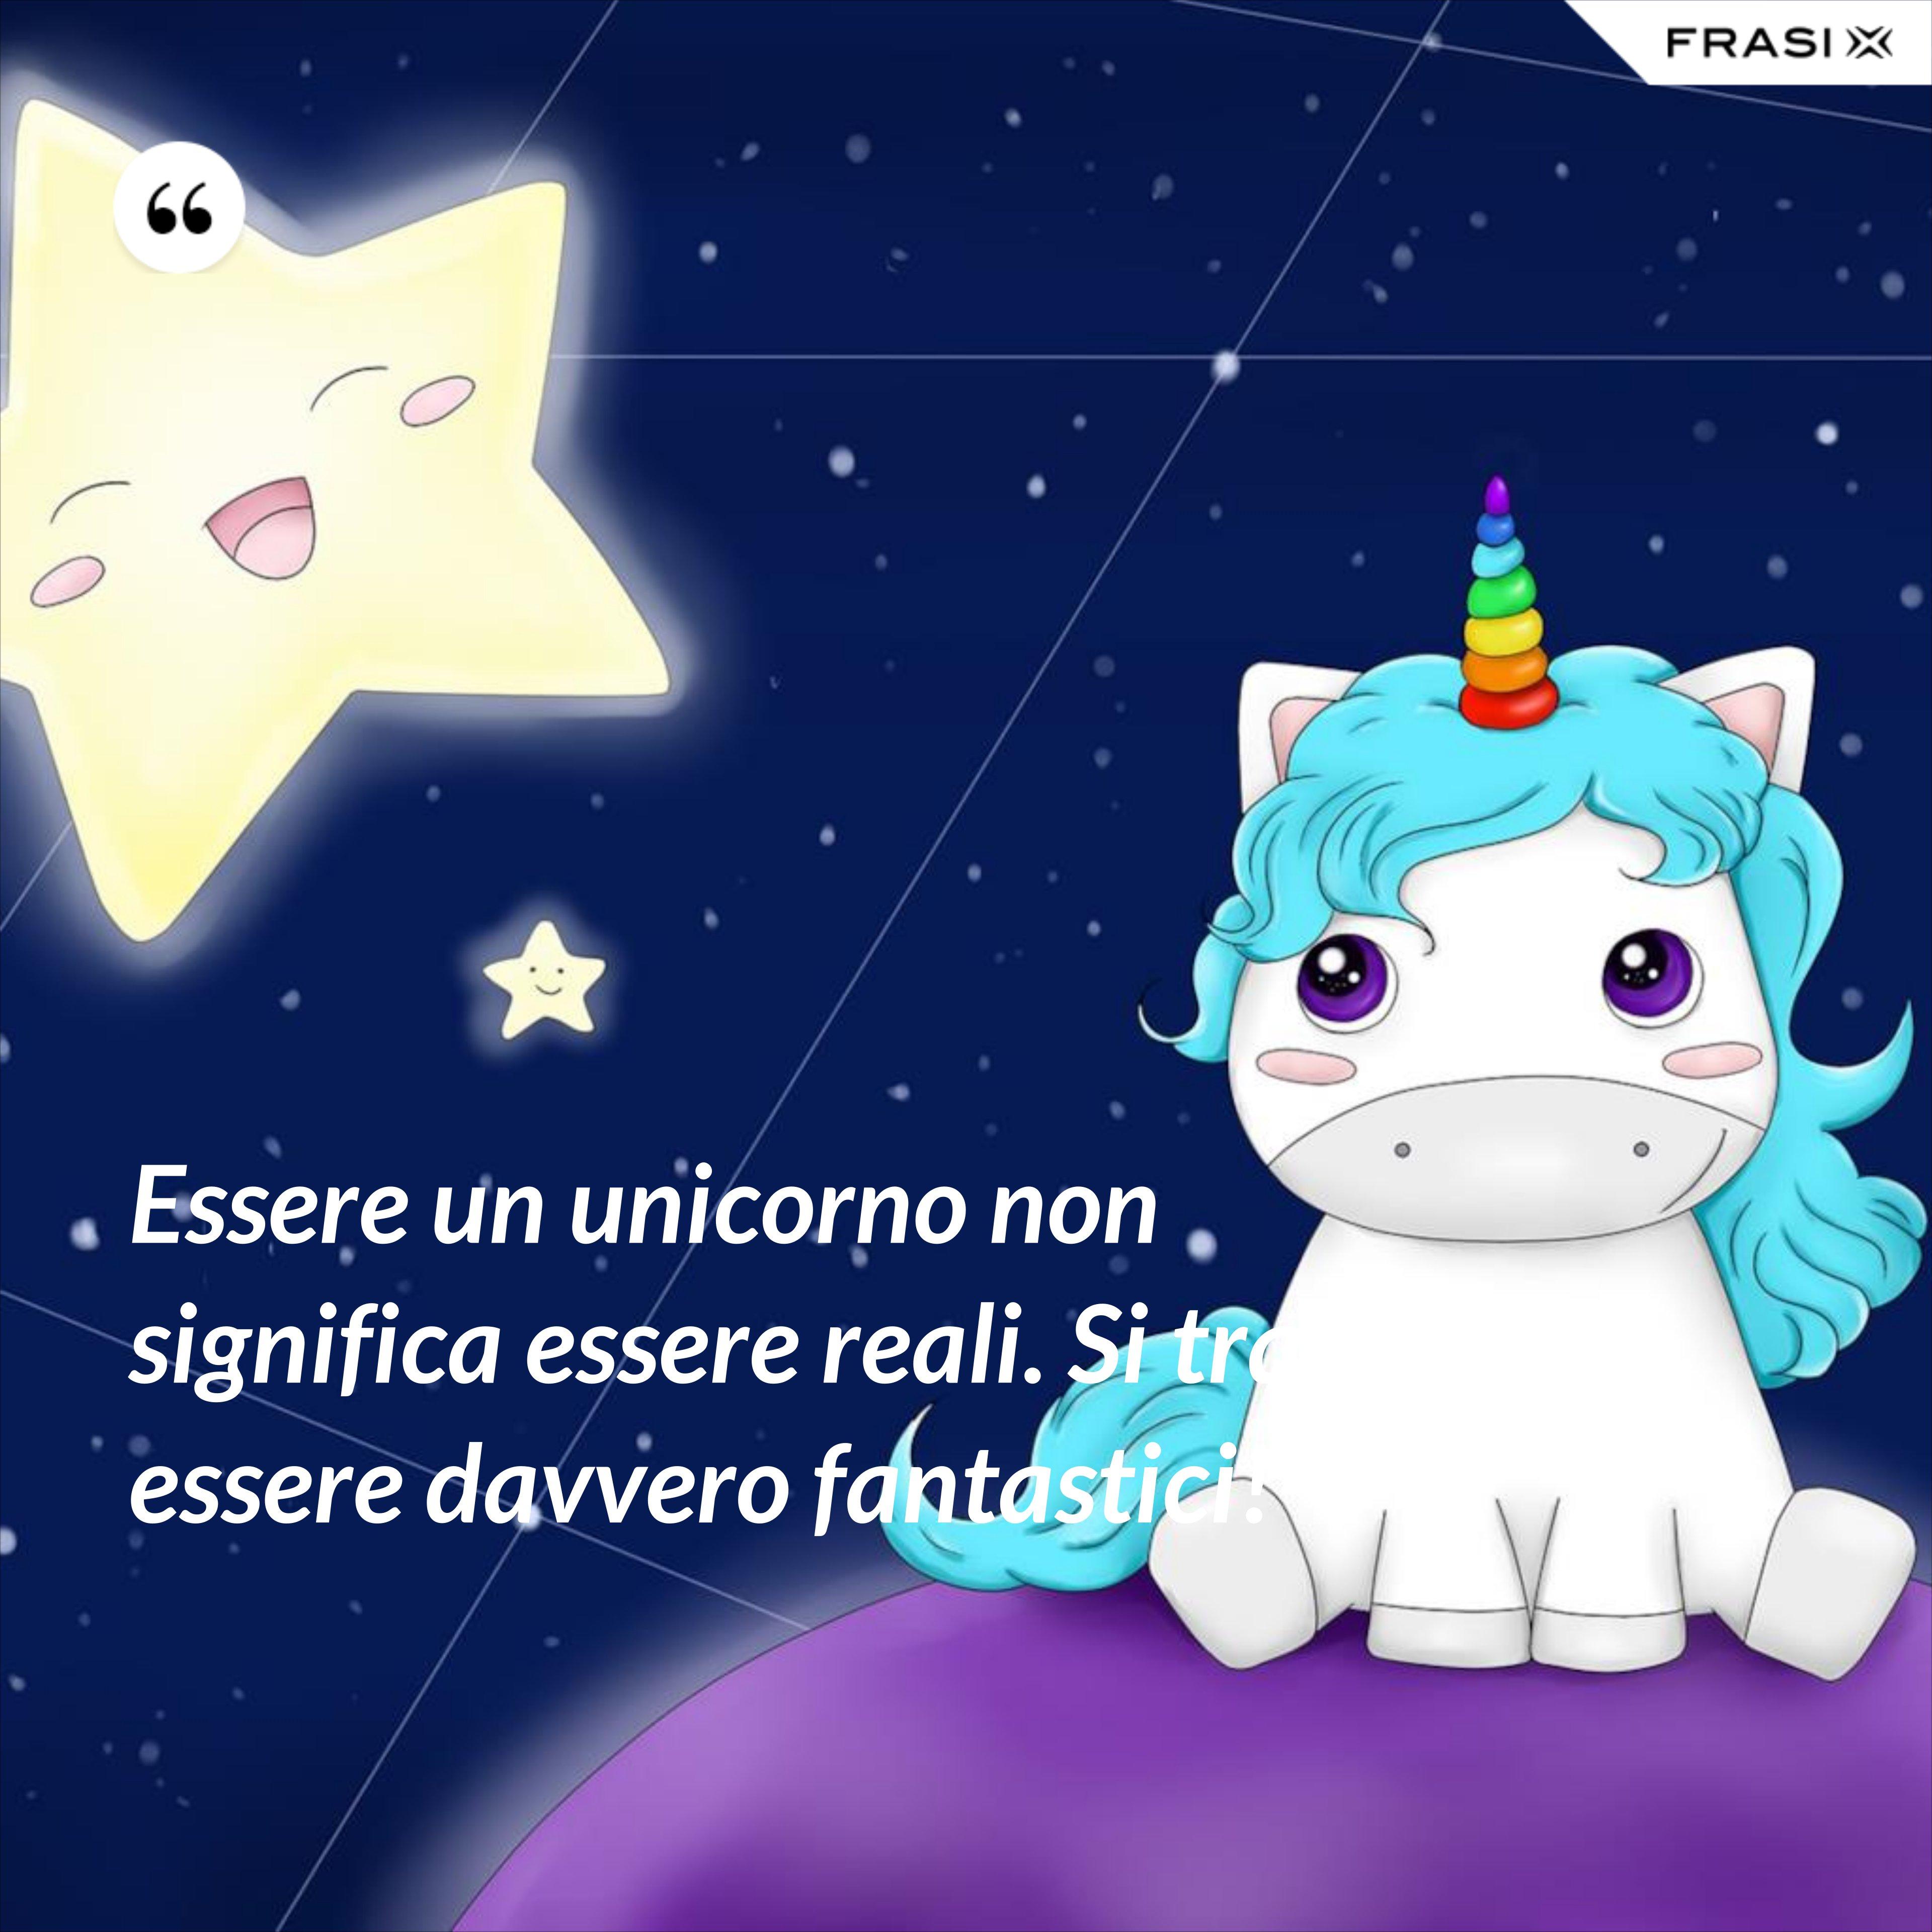 Essere un unicorno non significa essere reali. Si tratta di essere davvero fantastici! - Anonimo